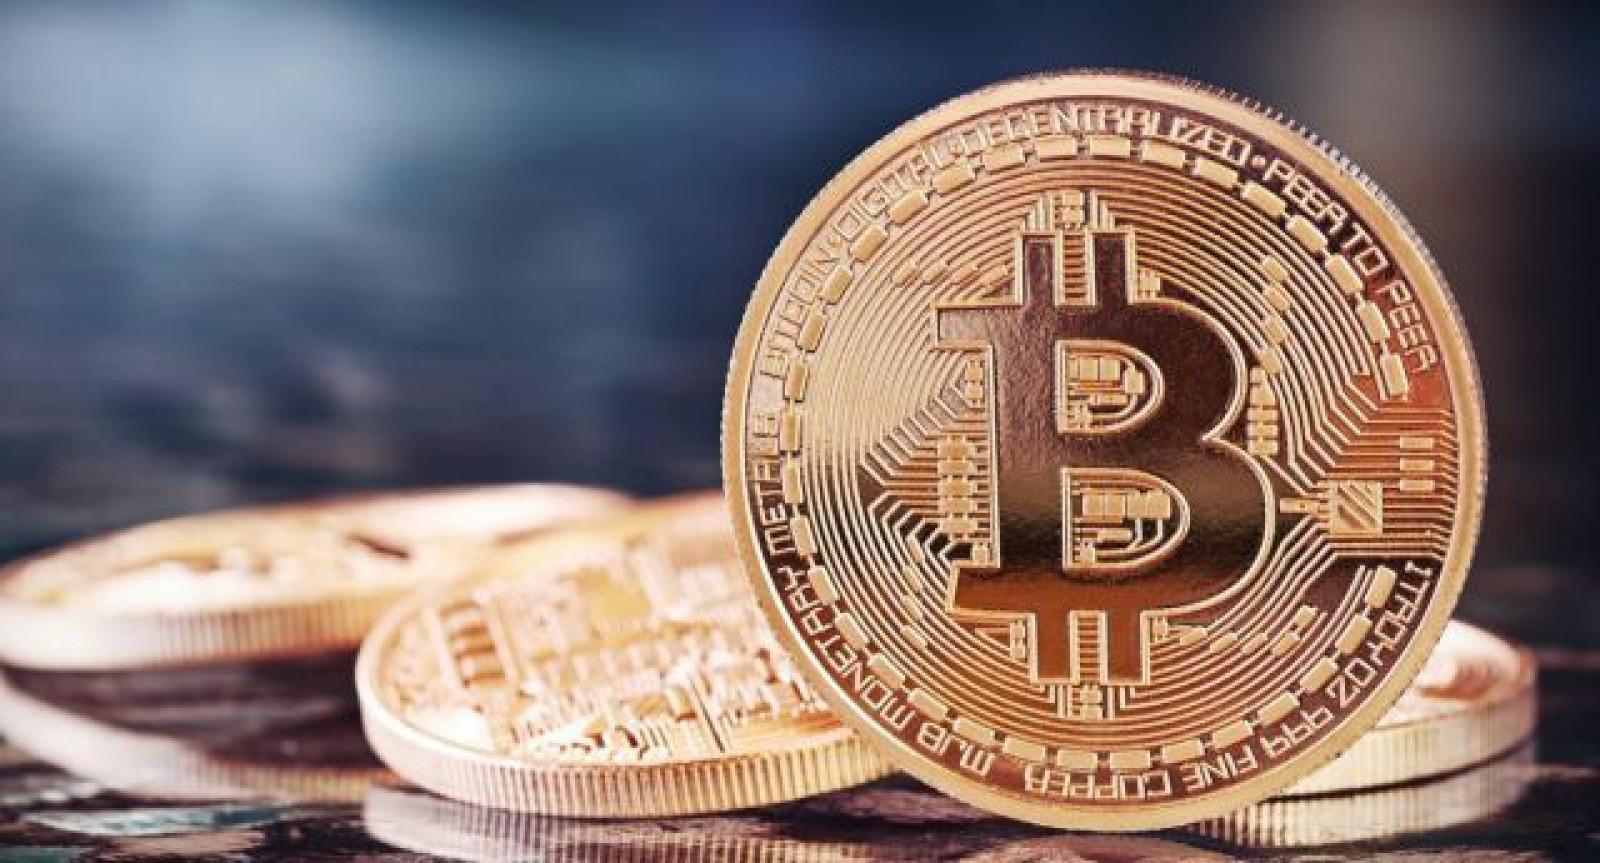 Bitcoinul este în continuă scădere: A pierdut de la începutul anului circa 35%